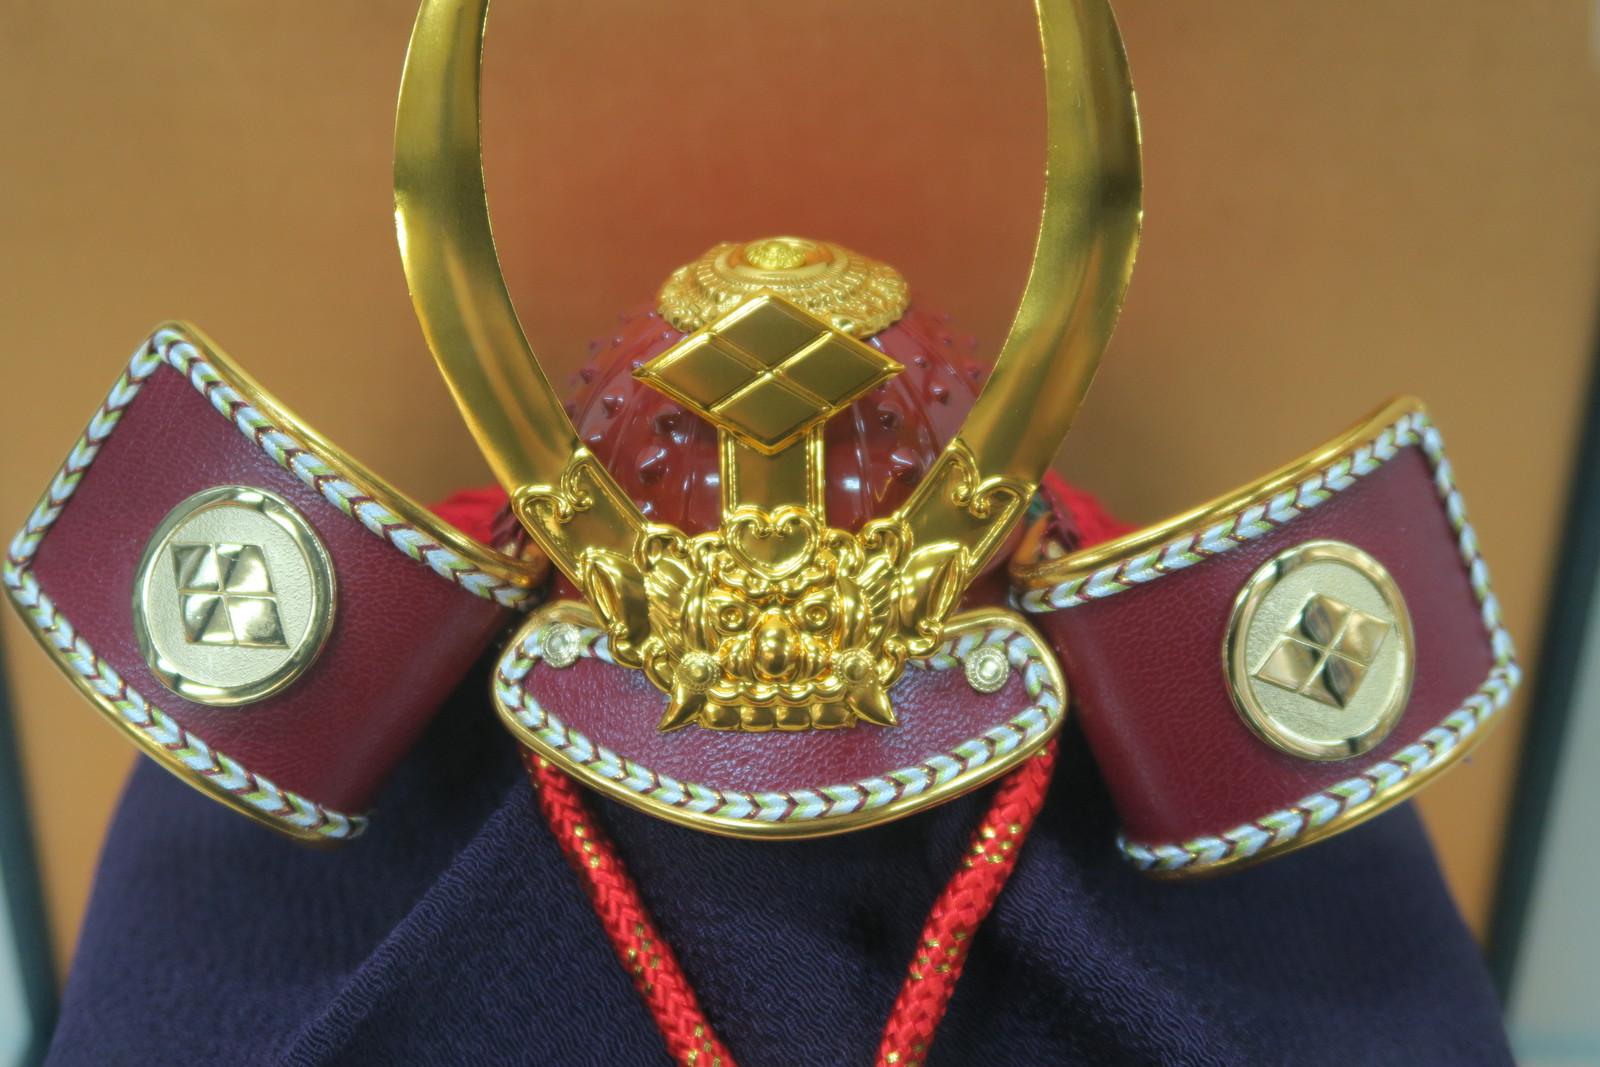 コンパクト破魔弓飾り ケース折り畳み式